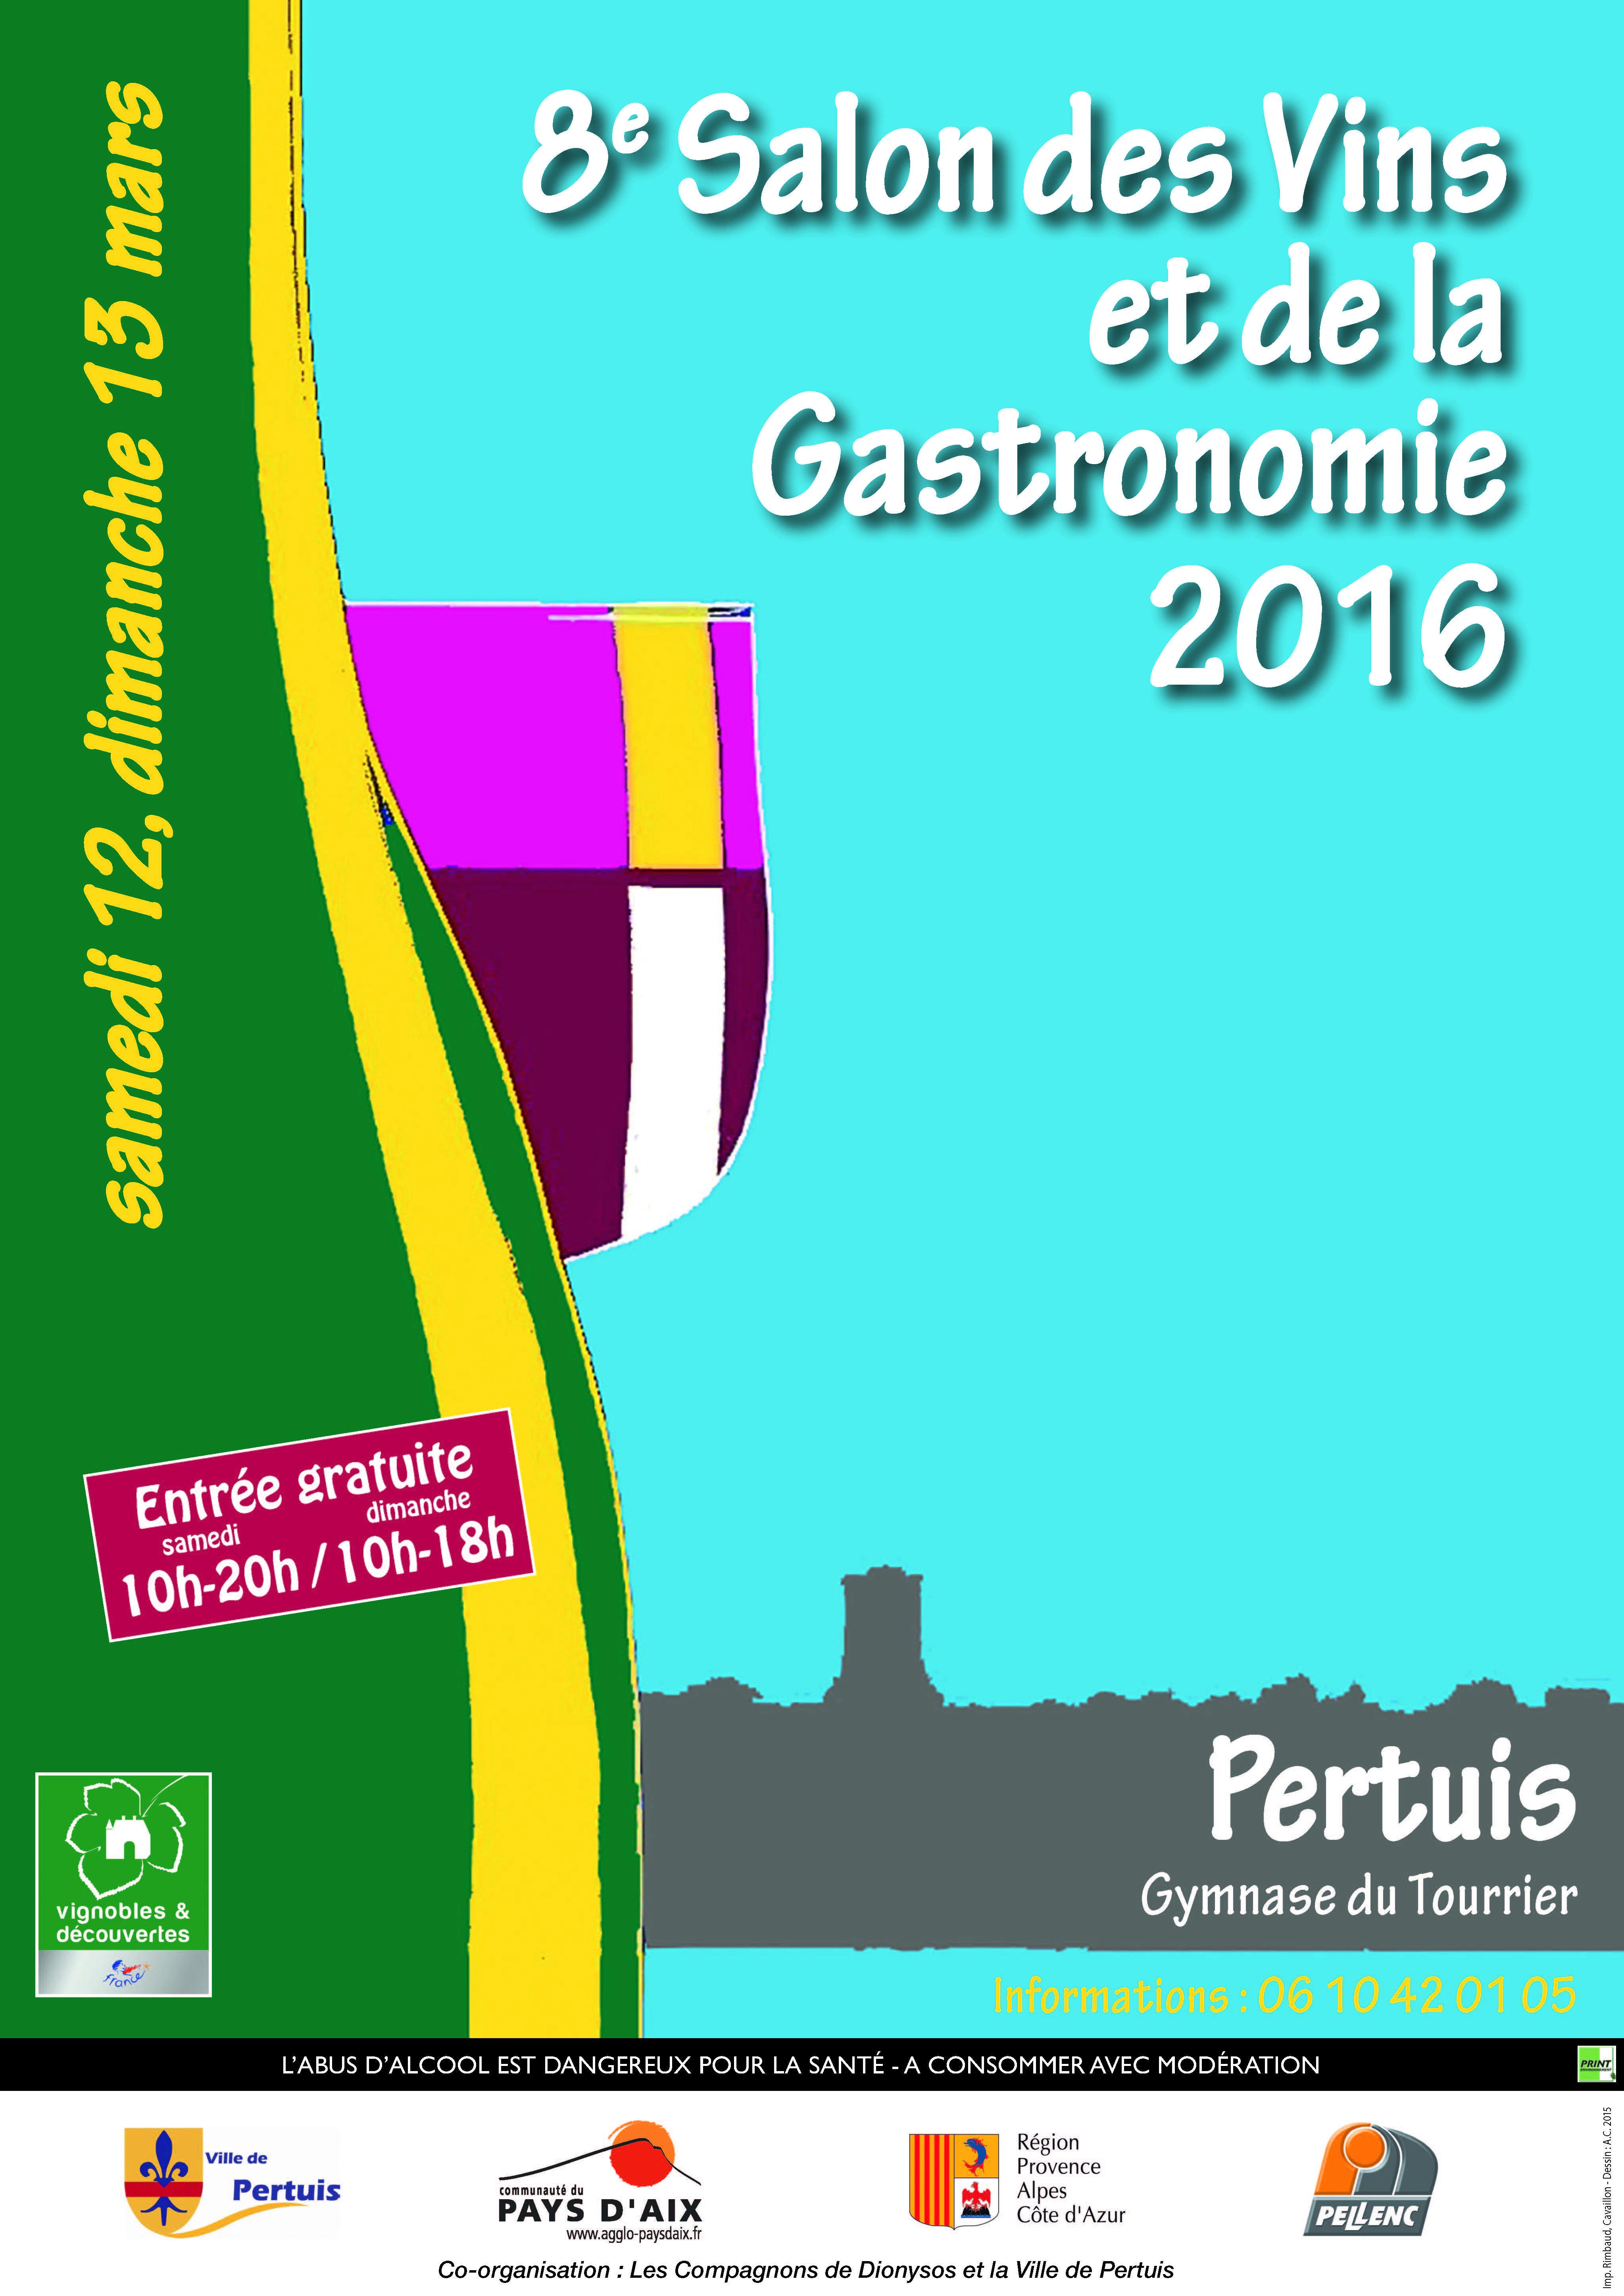 8e salon des vins et de la gastronomie de pertuis les 12 for Calendrier salon des vins